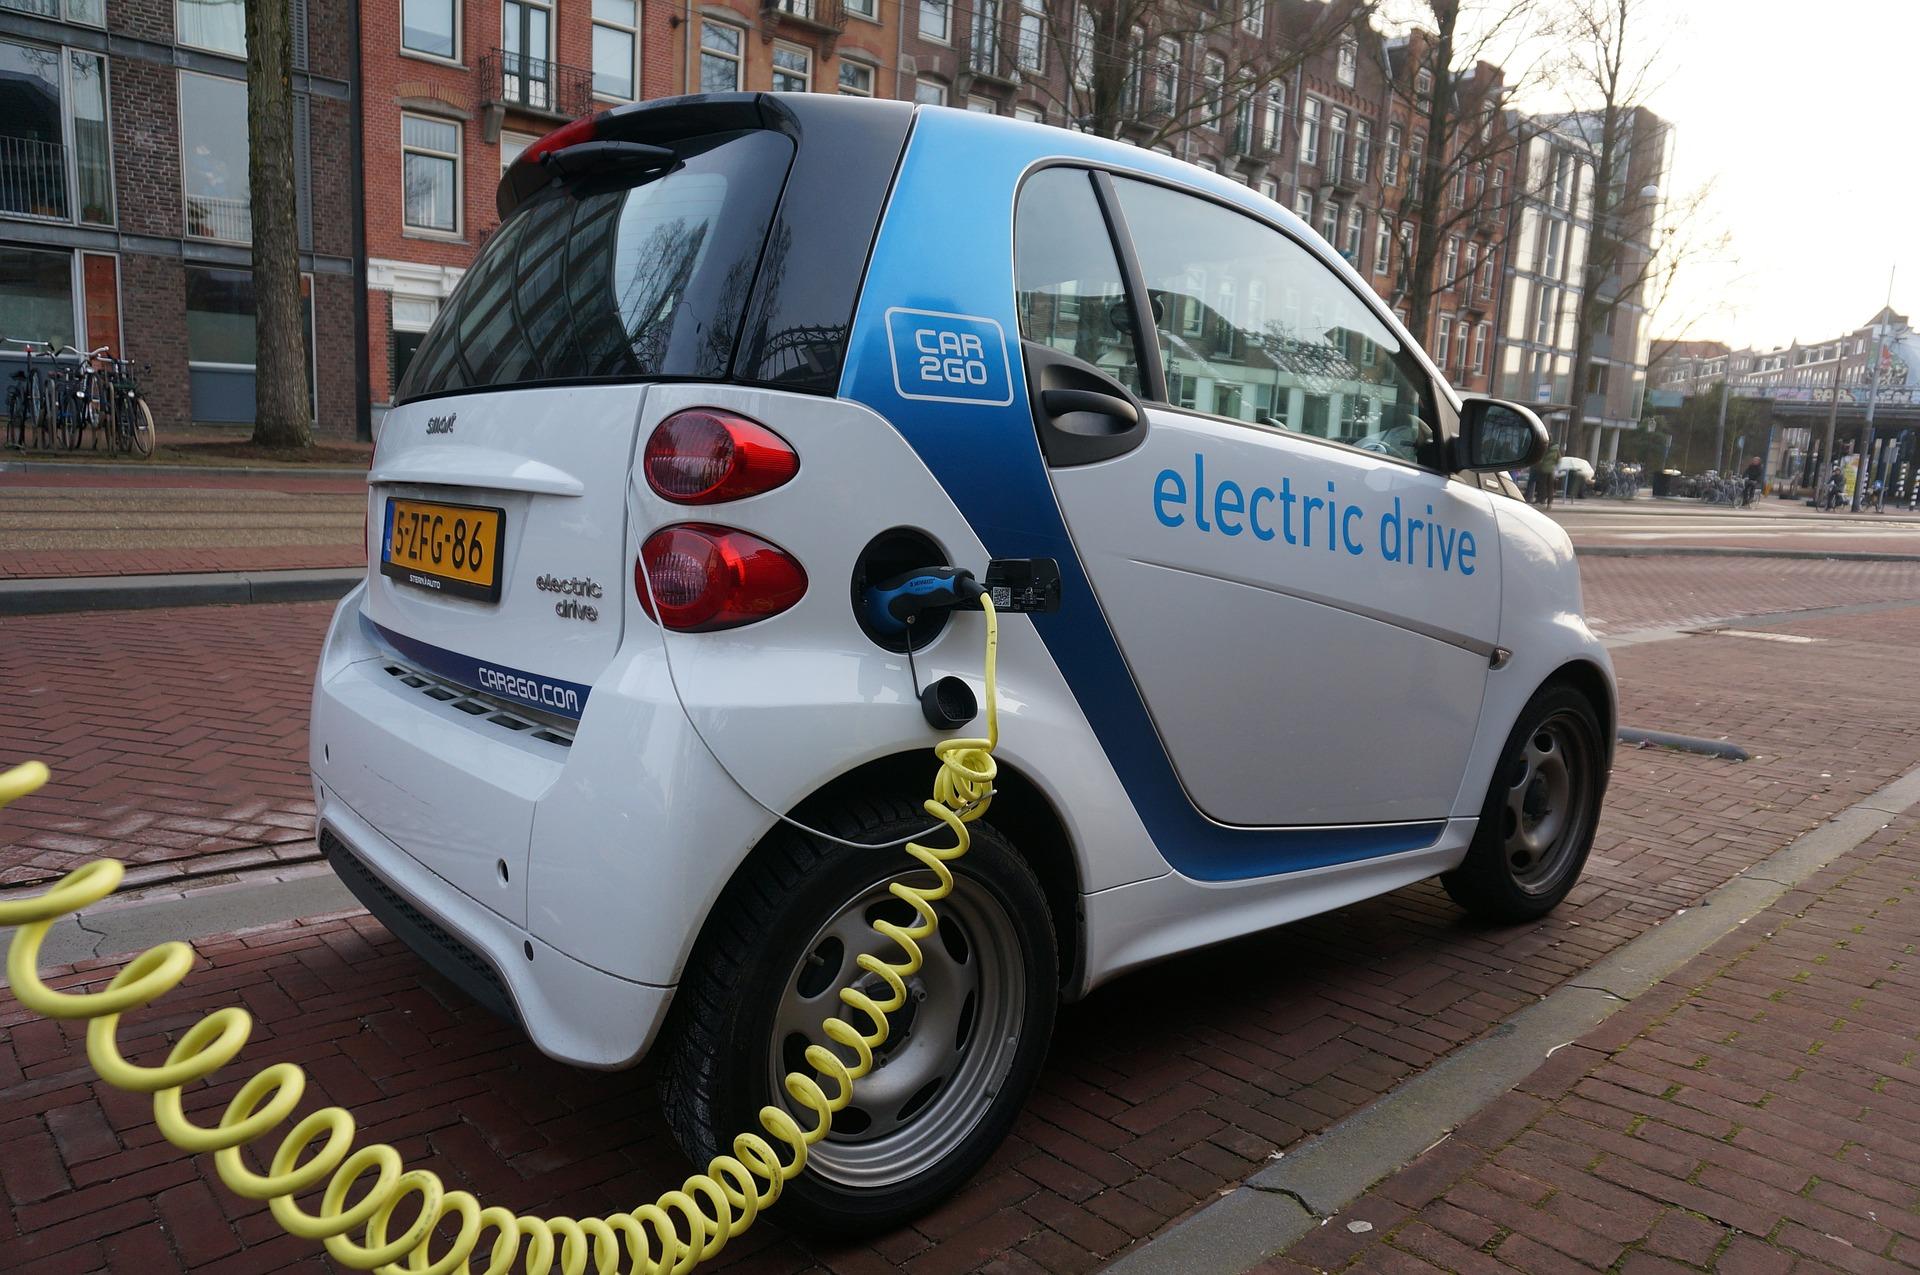 Pressemitteilung: EU-Förderprojekt MEISTER zu E-Mobilität startet in Berlin